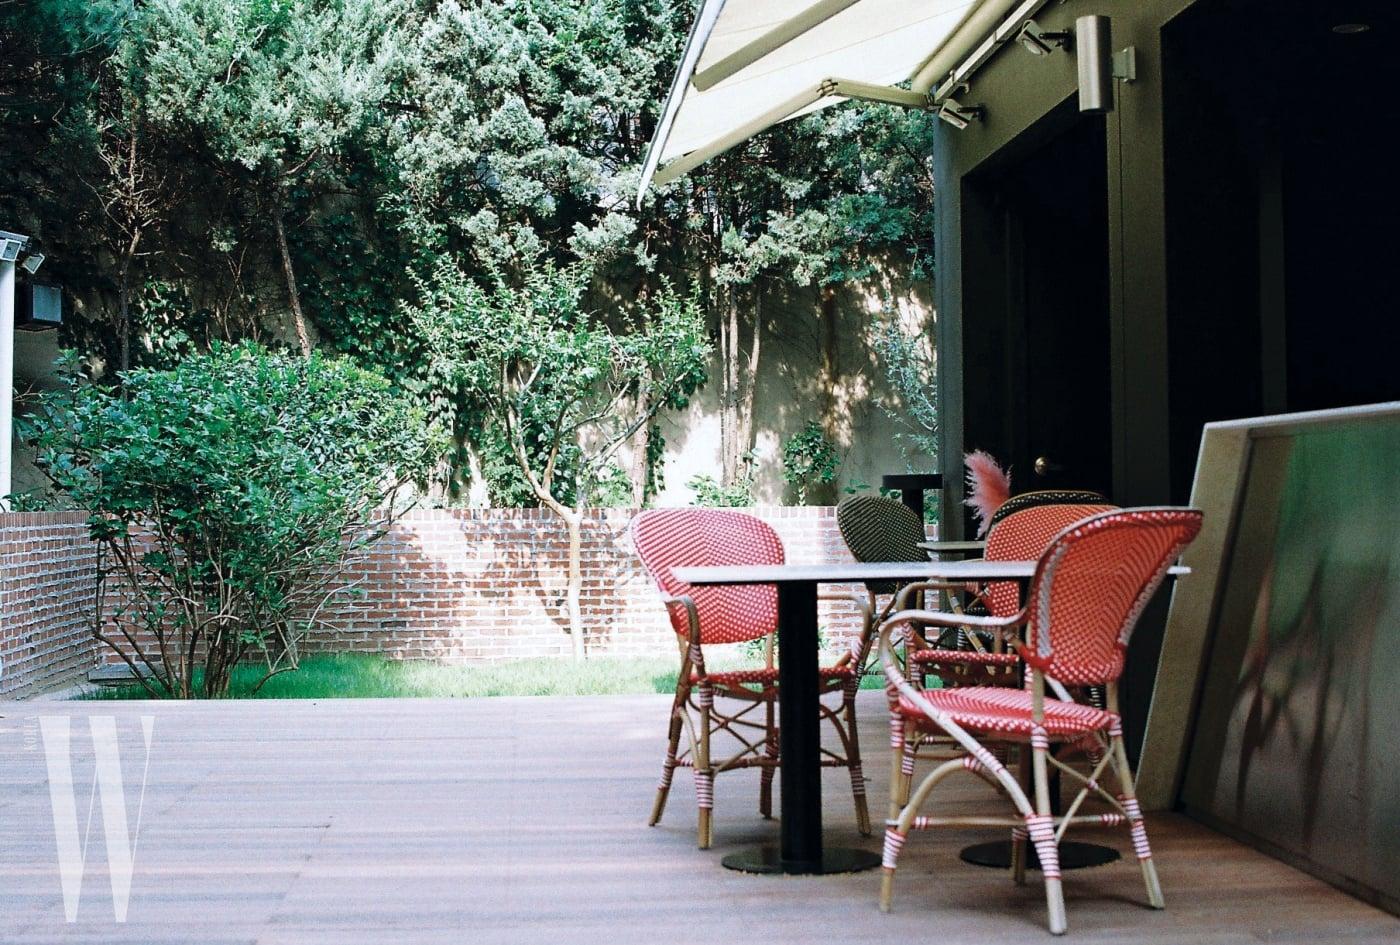 다이닝 공간에서 이어지는 뒤뜰에 들어서면 파리의 카페가 연상되는 푸아투(Poitoux)의 라탄 비스트로 체어가 놓여 있다.